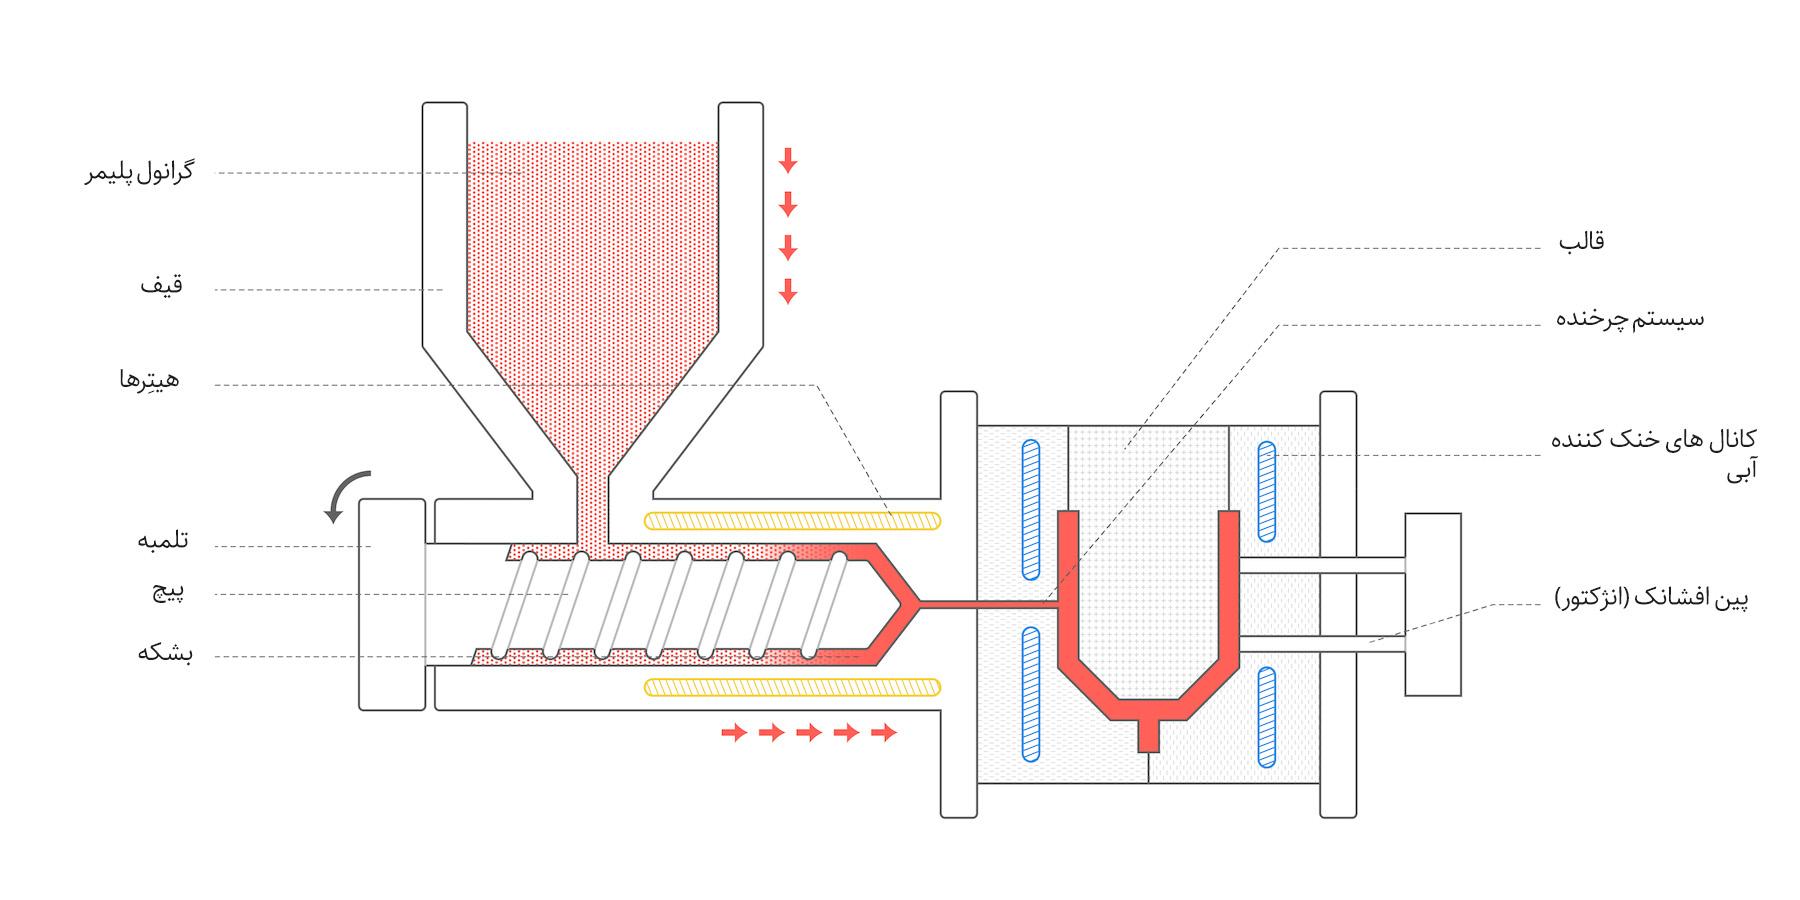 شیوه کار یک سیستم معمول تزریق پلاستیک